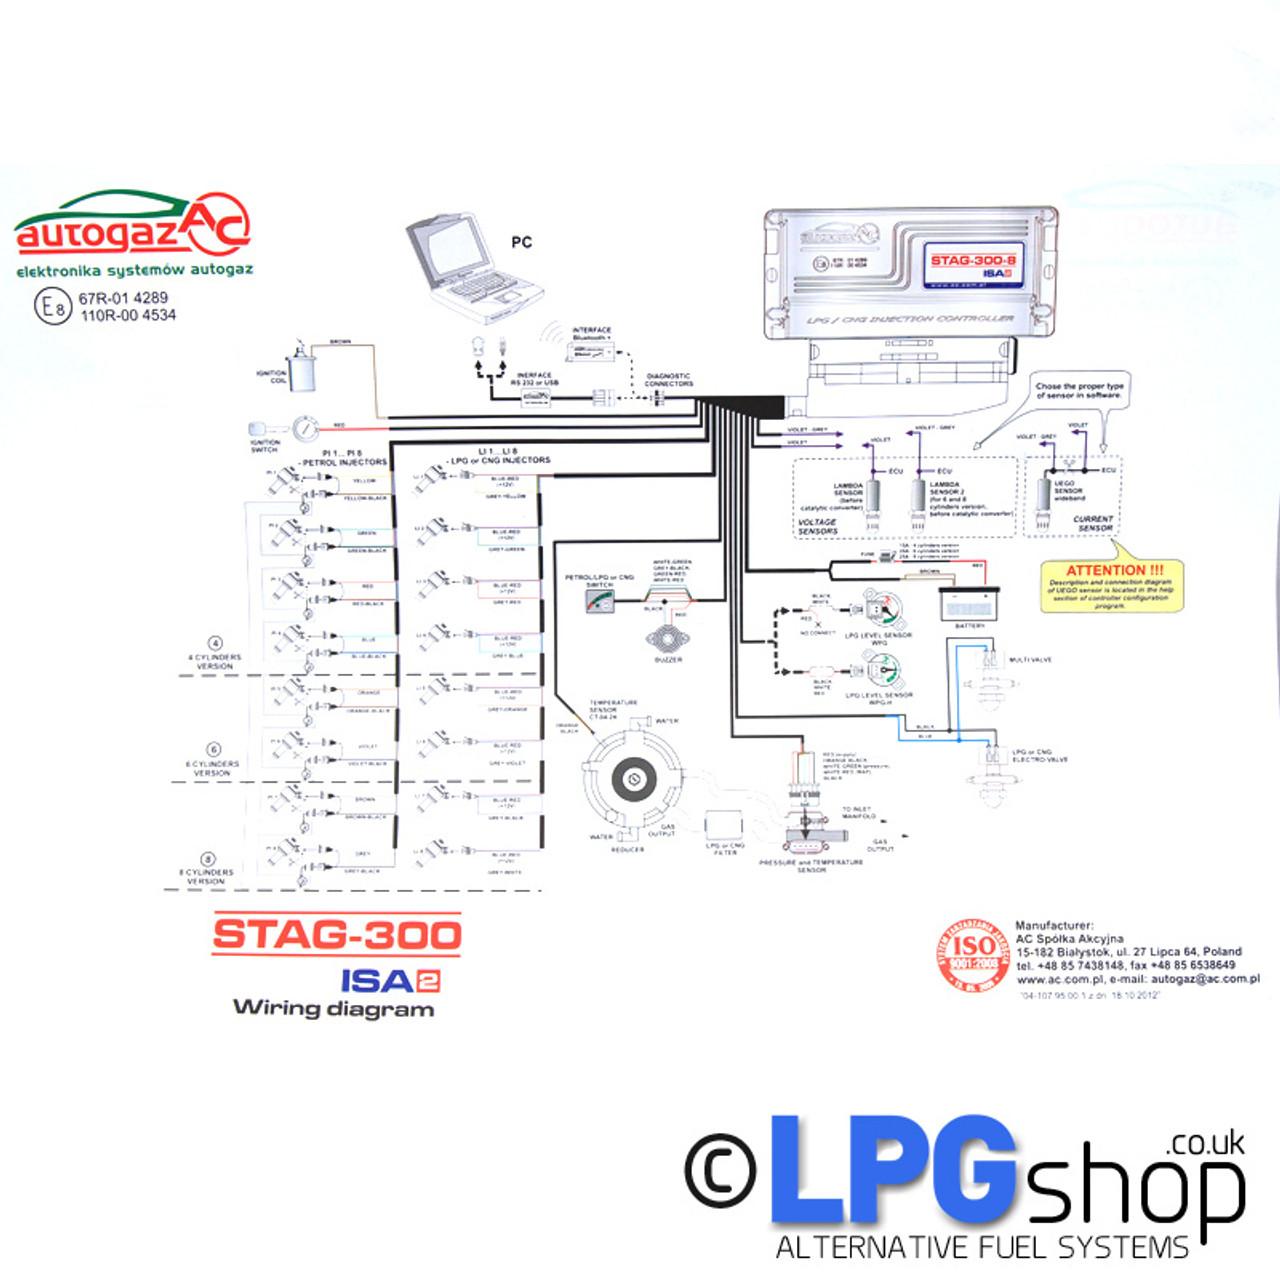 beam propane conversion wiring diagram wiring diagram fascinatingac stag 300 isa2 8 cylinder ecu controller beam [ 1280 x 1280 Pixel ]